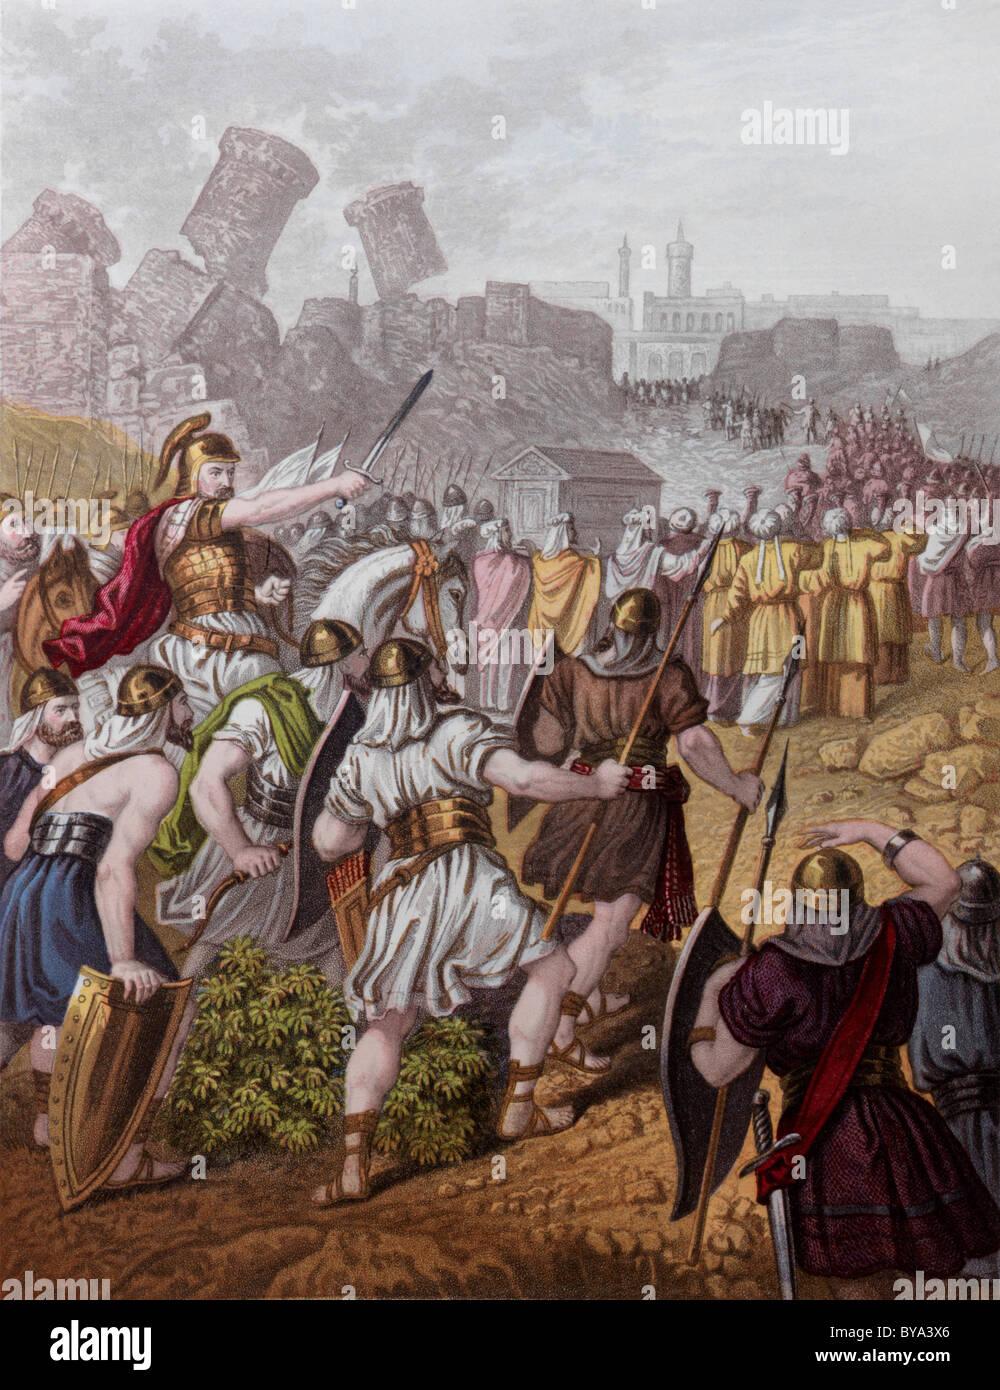 Historias Bíblicas ilustración de los Israelitas que abarque los muros de Jericó Foto de stock